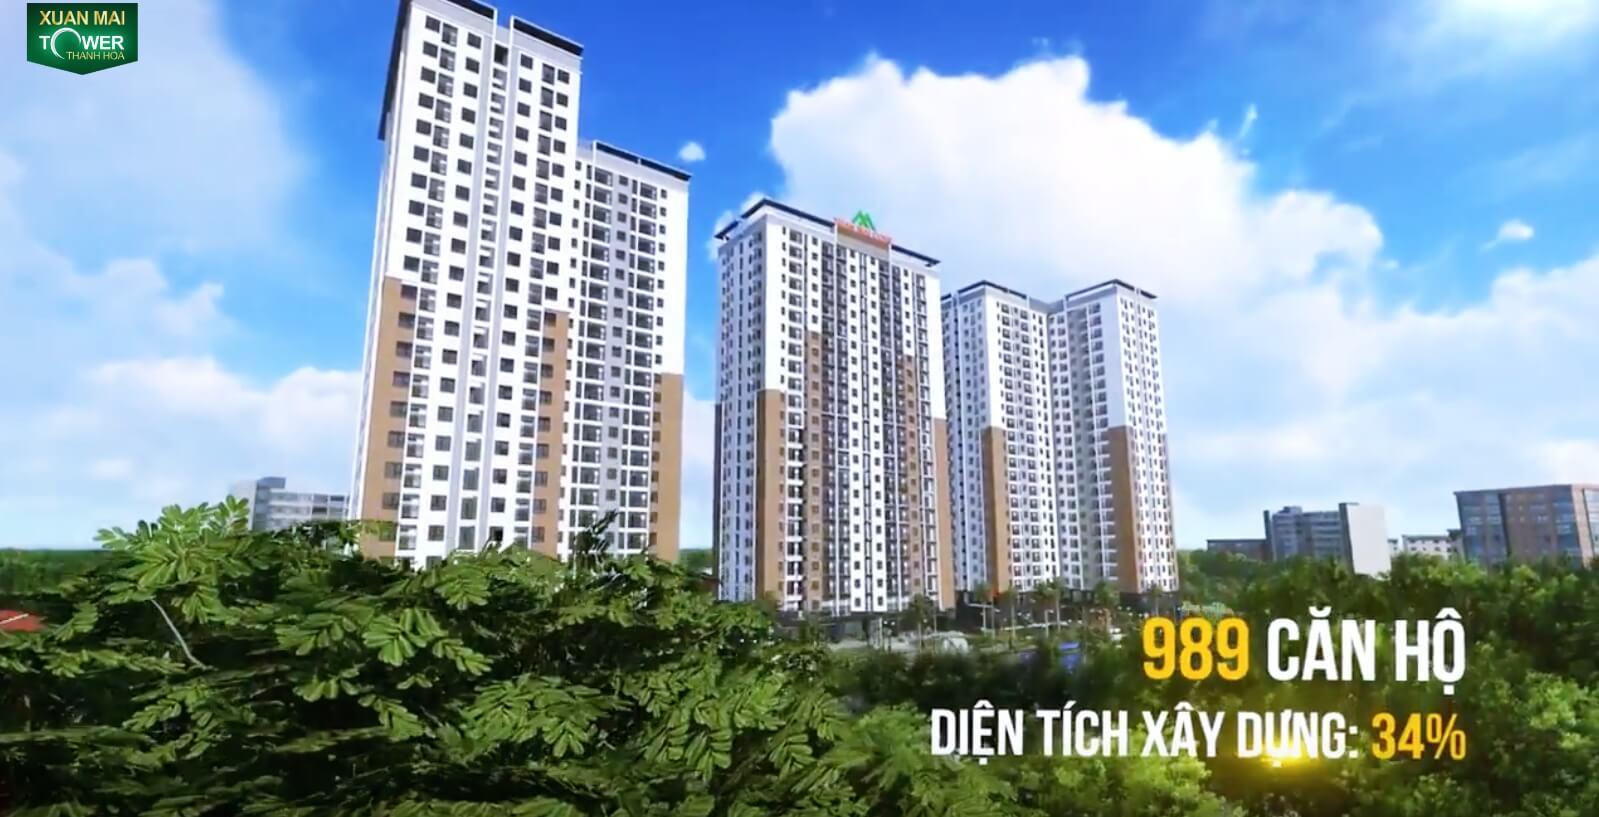 Xuân Mai Corp ra mắt chính thức toà chung cư Xuân Mai Tower tại Thanh Hoá